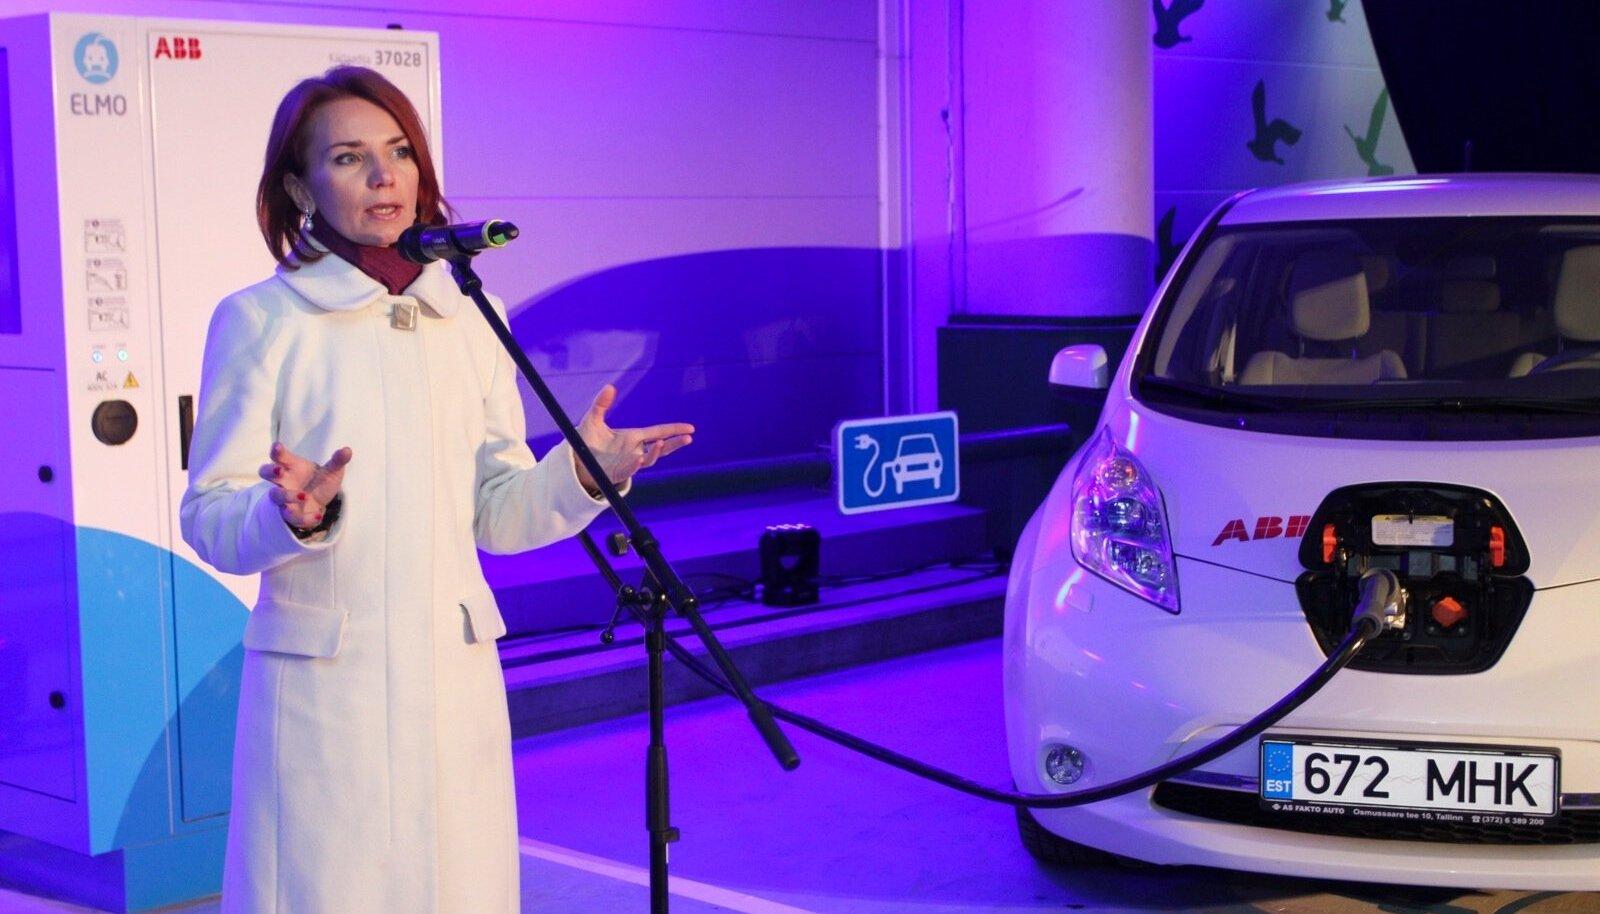 Toonane keskkonnaminister Keit Pentus avamas elektriautode kiirlaadimisvõrku.